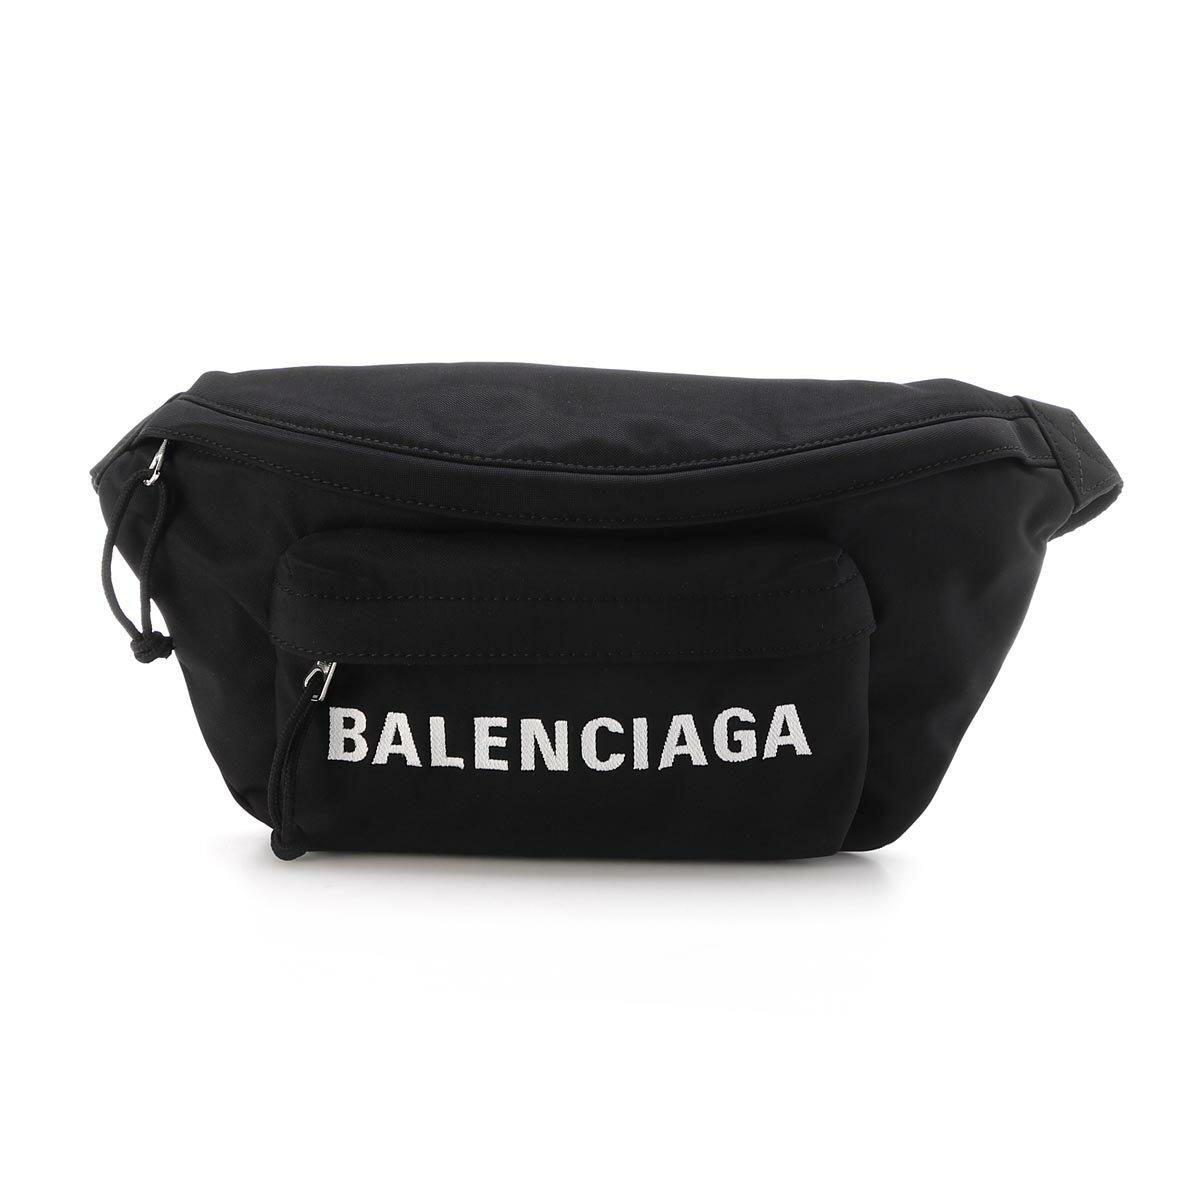 メンズバッグ, ボディバッグ・ウエストポーチ  BALENCIAGA 533009 h851n 1000 WHEEL BELTPACK